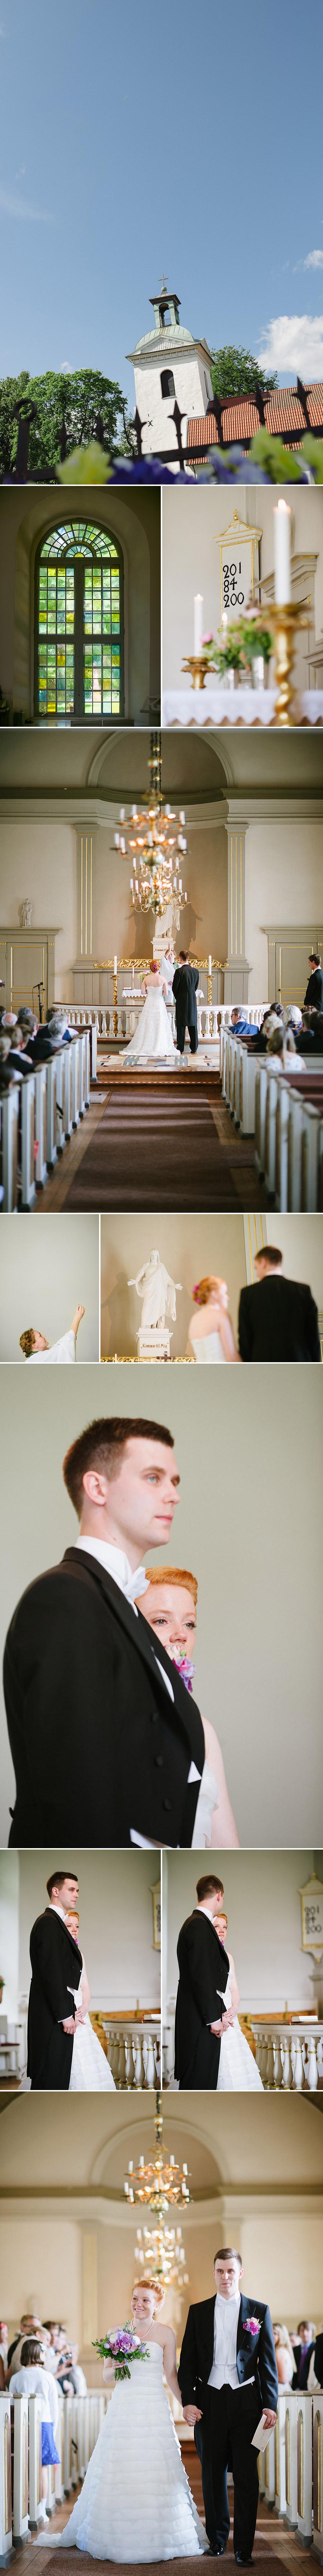 Bröllopsfoto Alingsås Vigseln